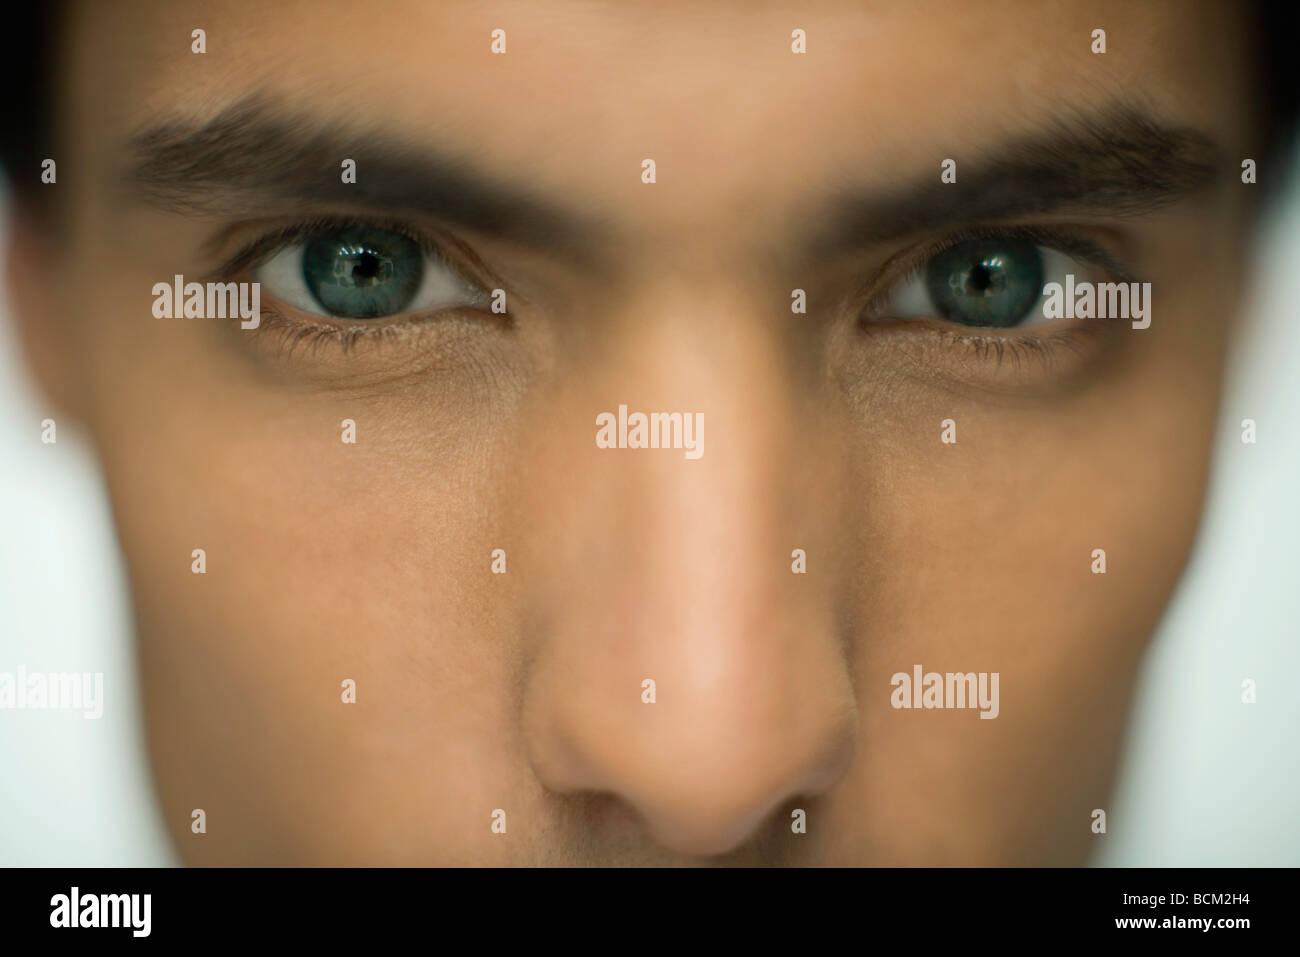 Man staring at camera, extreme close-up - Stock Image